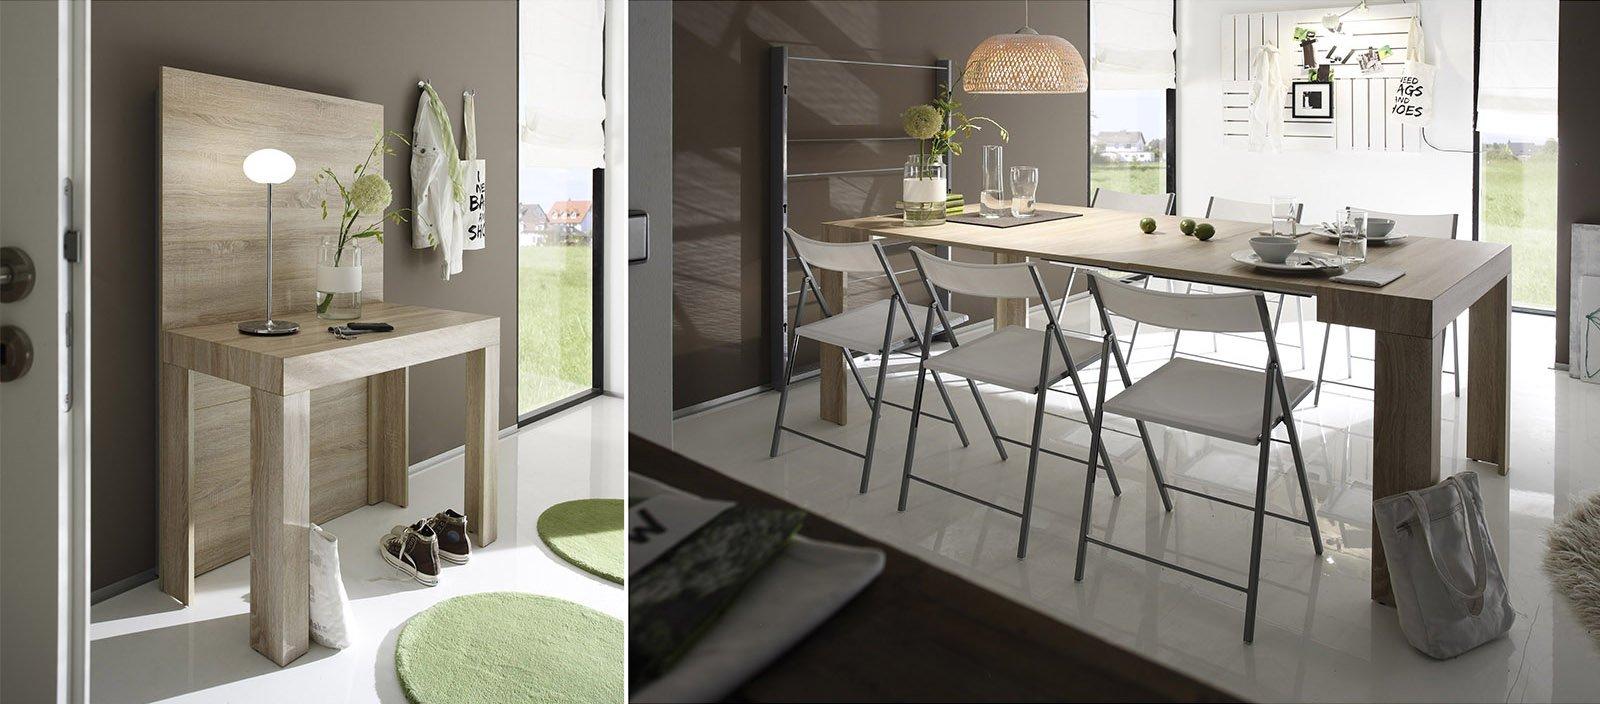 Tavoli allungabili: trasformabili quando serve - Cose di Casa